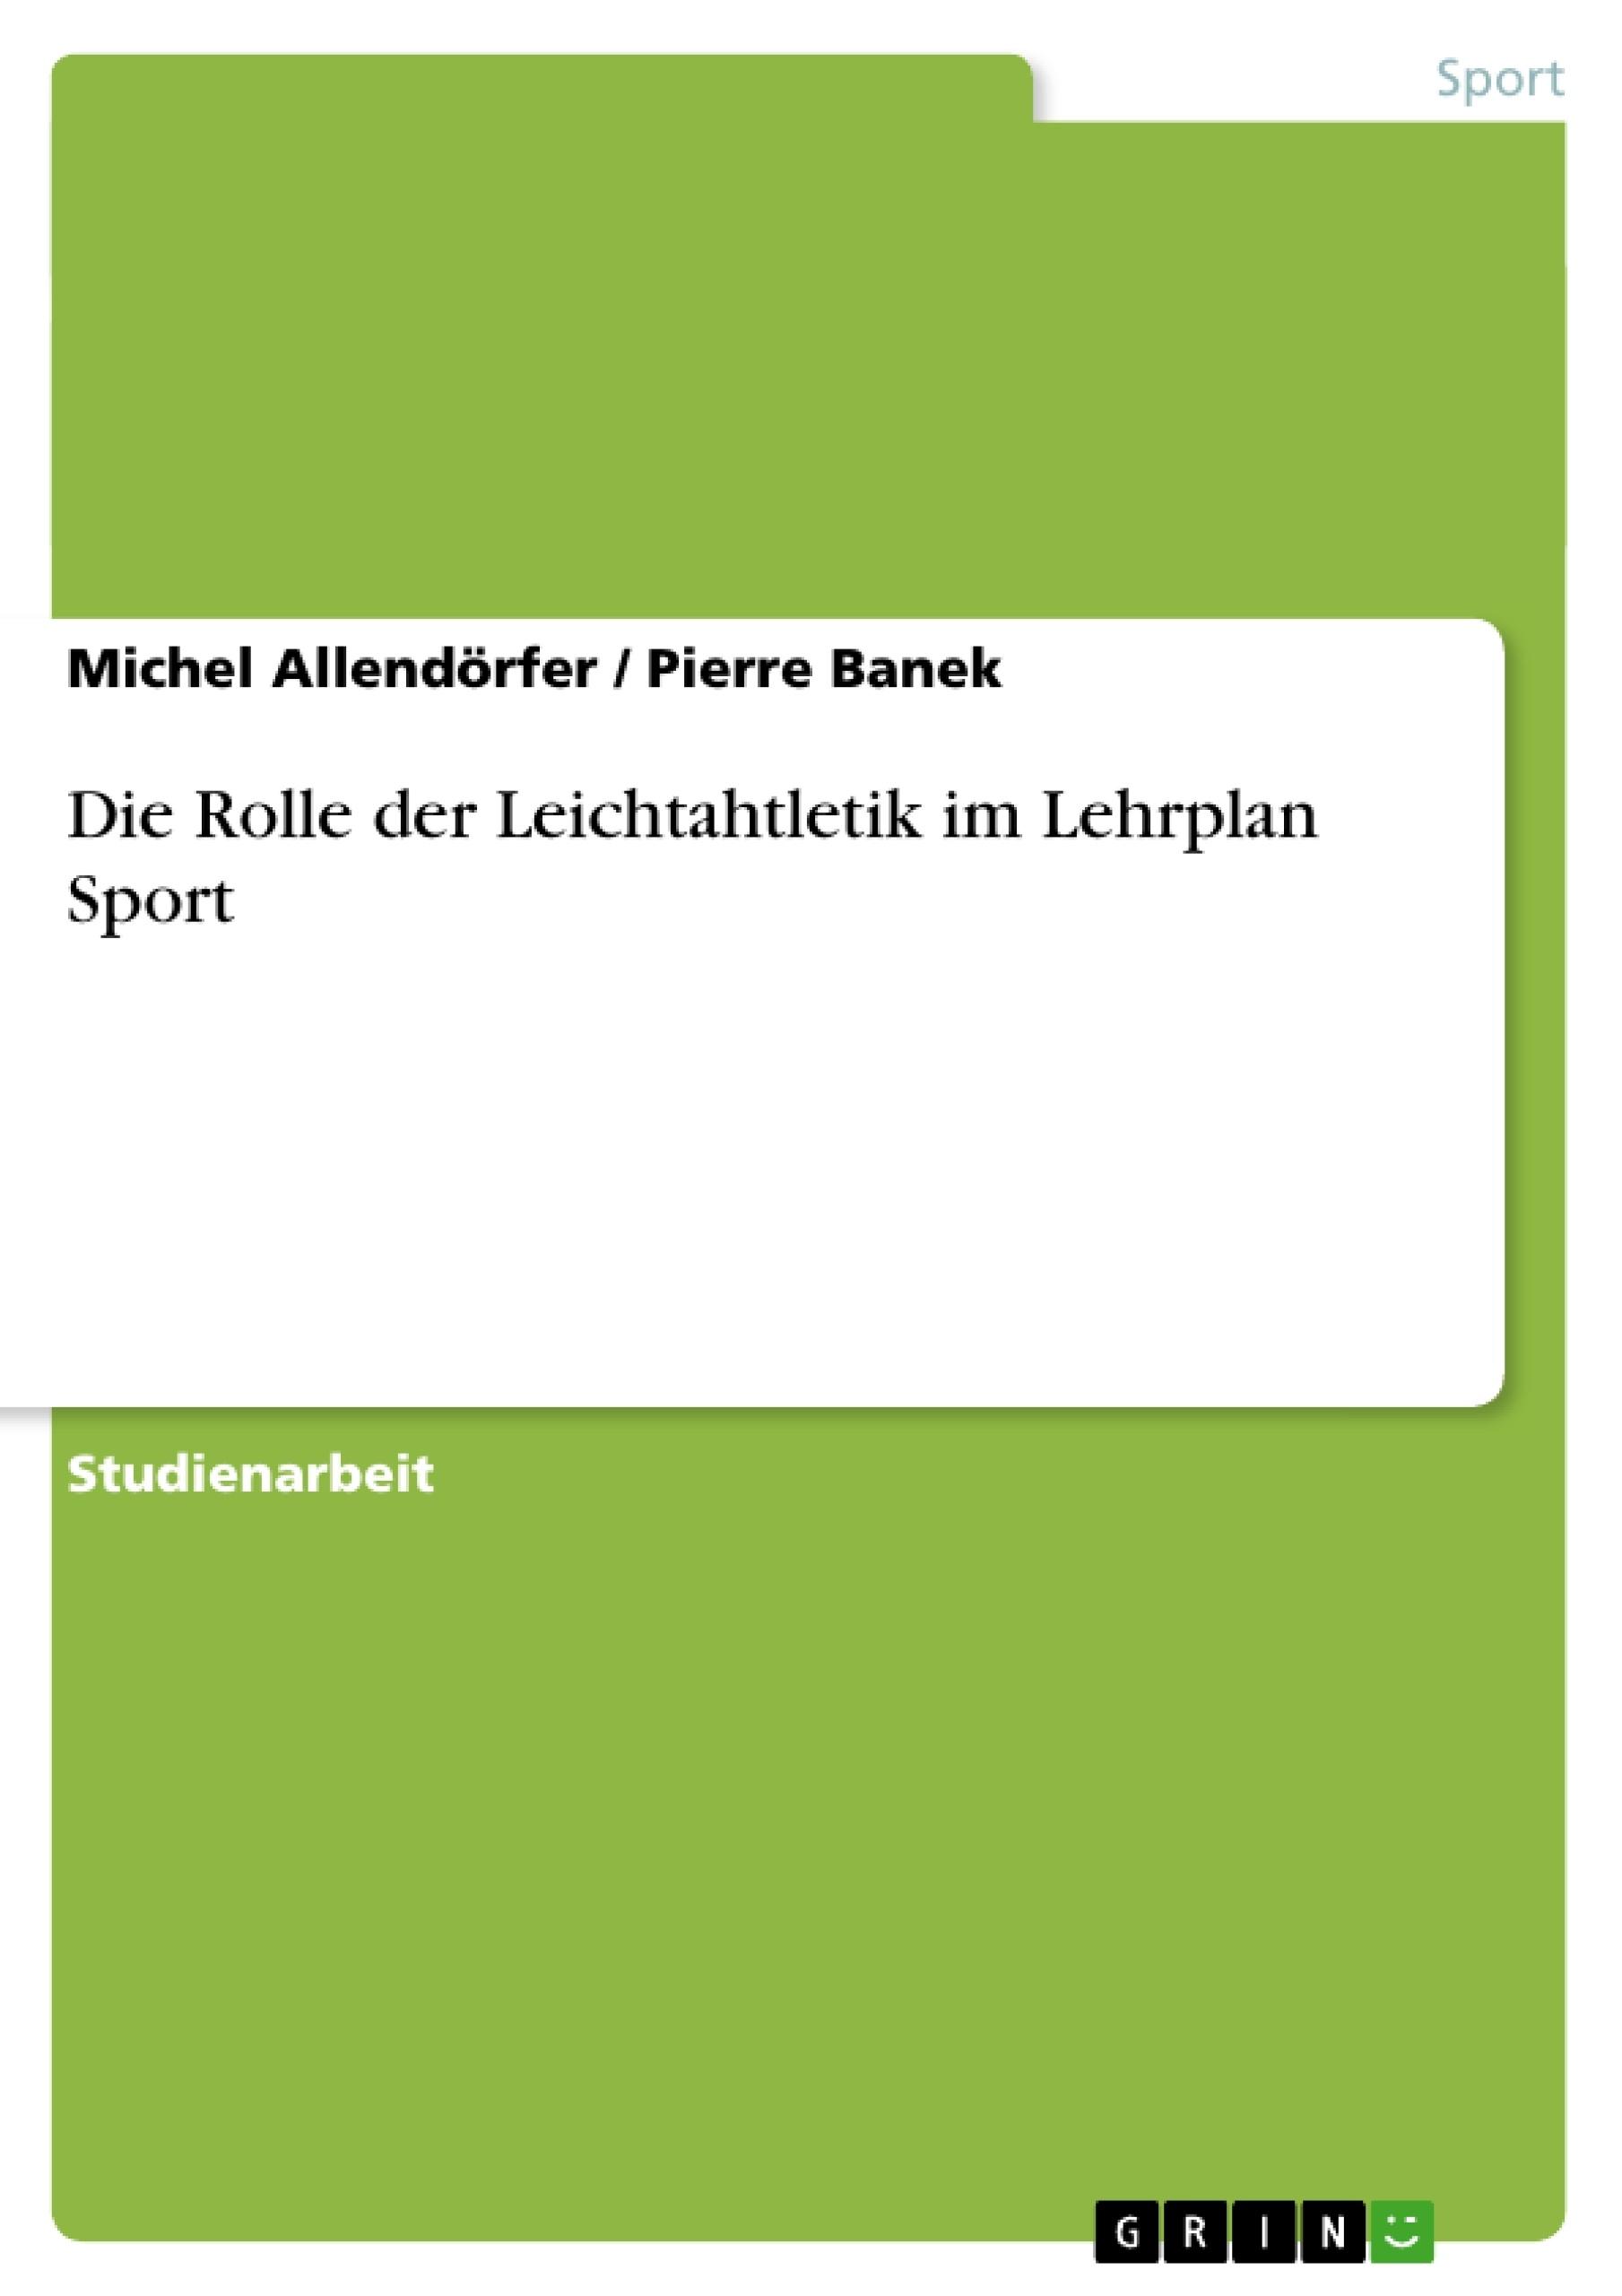 Titel: Die Rolle der Leichtahtletik im Lehrplan Sport